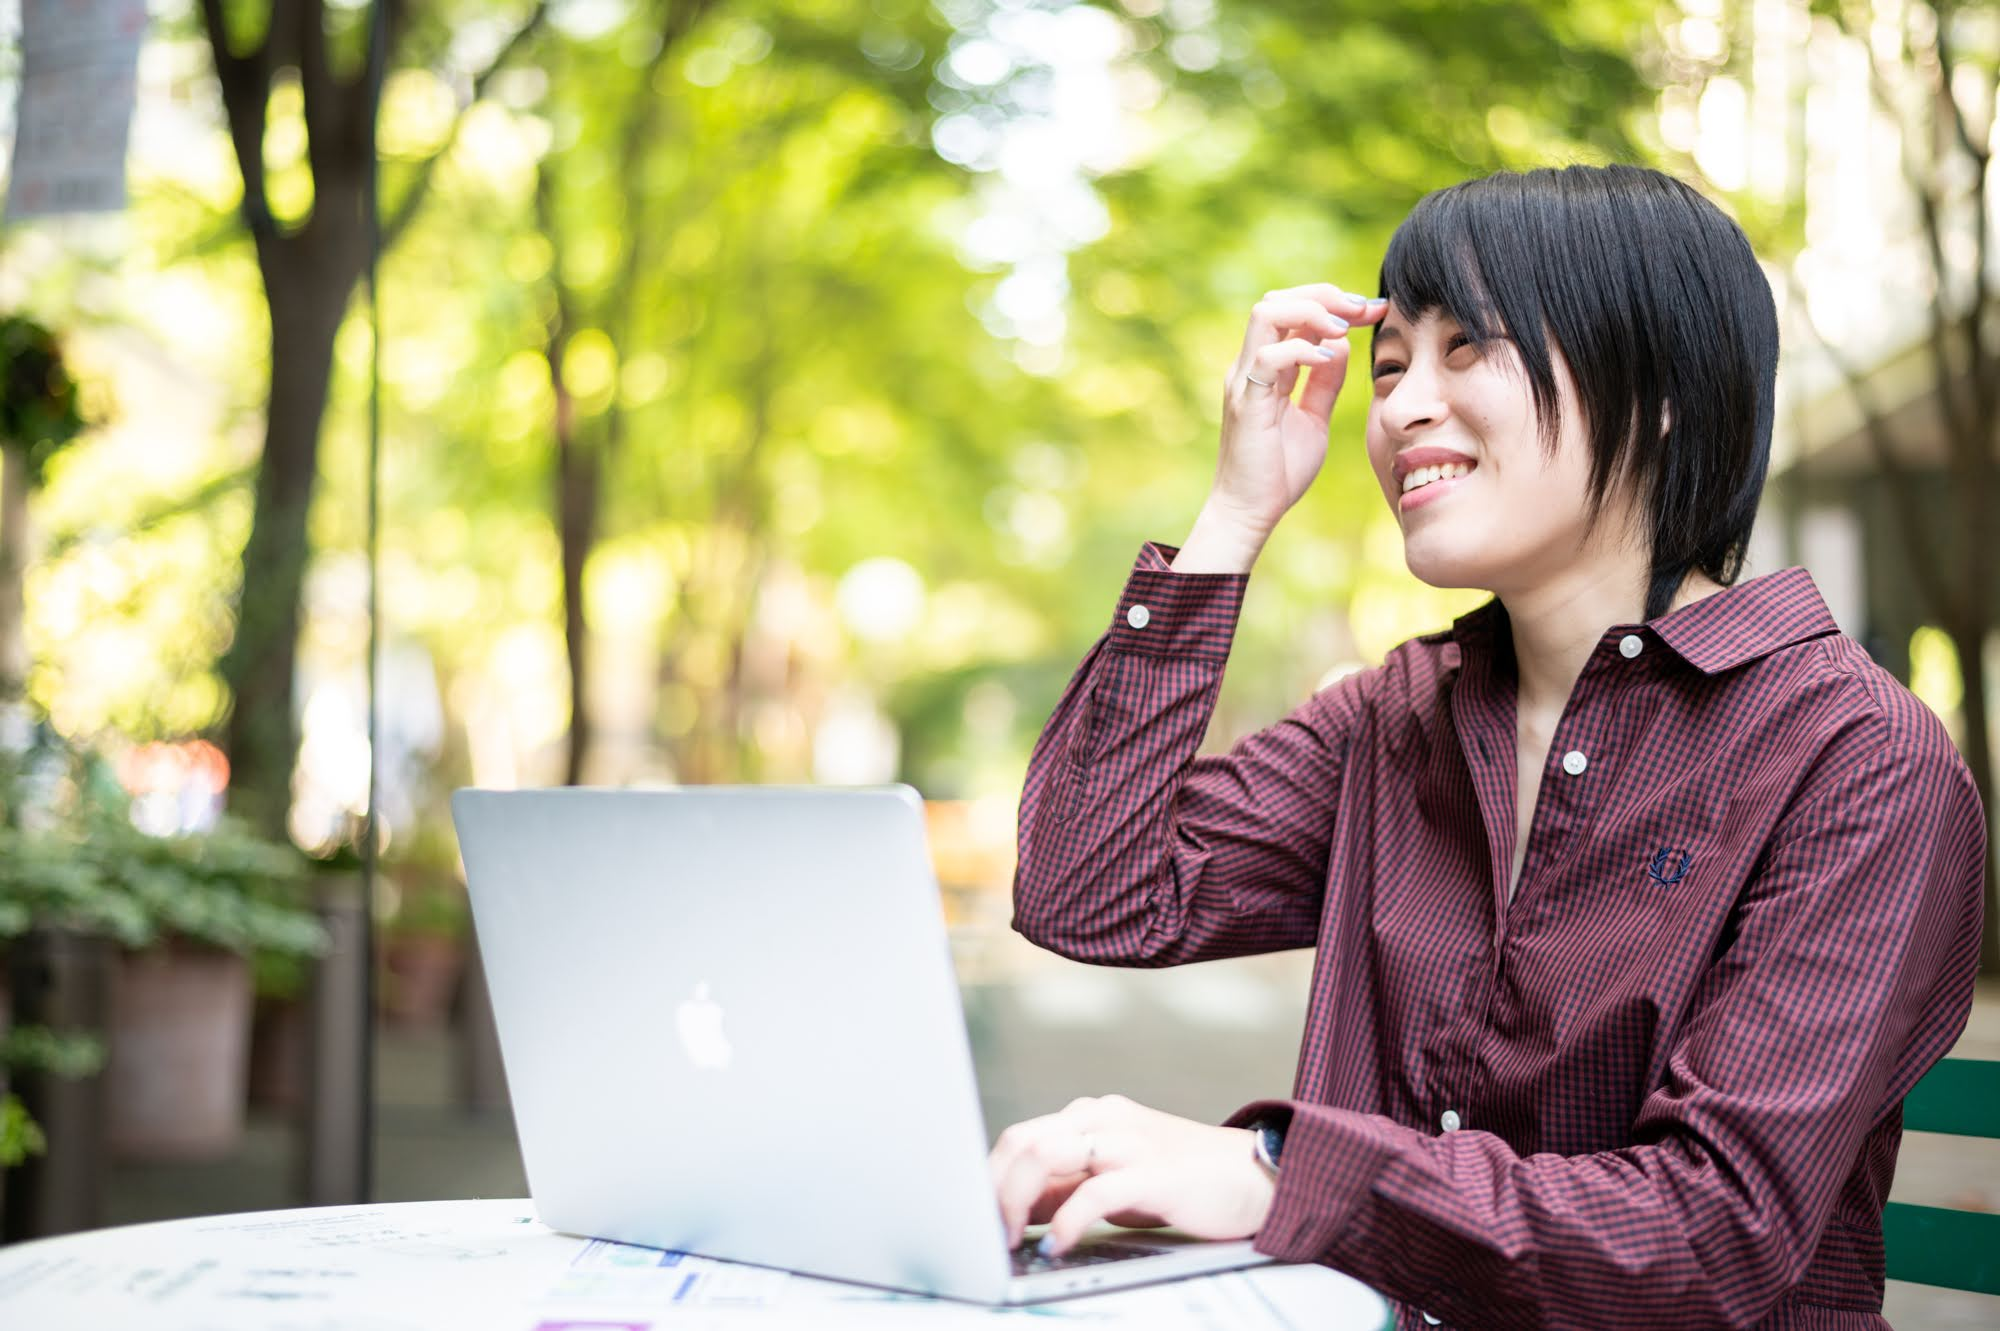 4.起業家向けビジネス写真で真岡そらが大切している3つのポイント